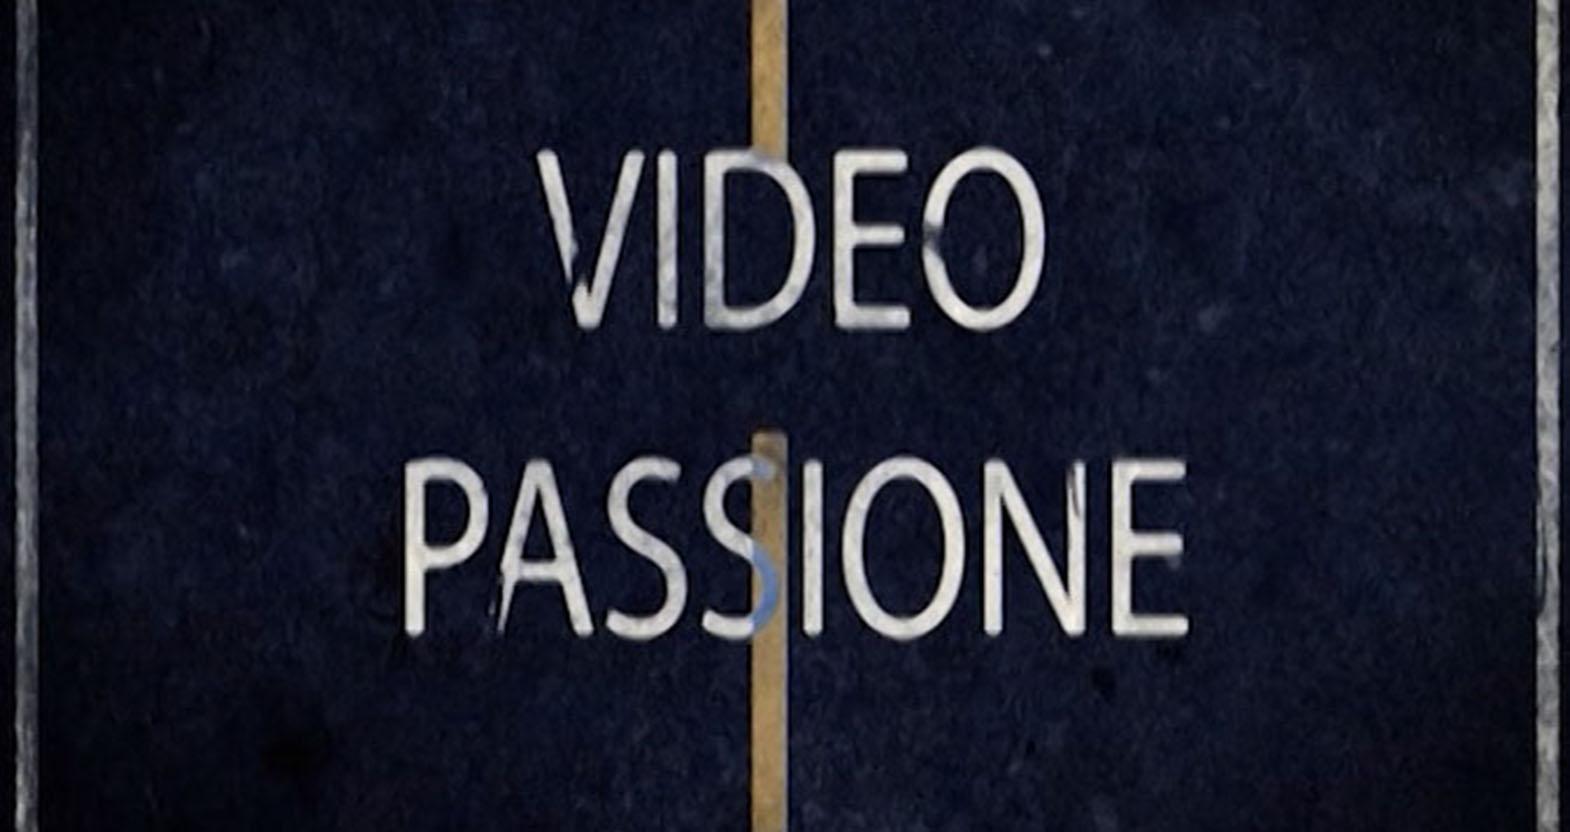 VIDEO PASSIONE